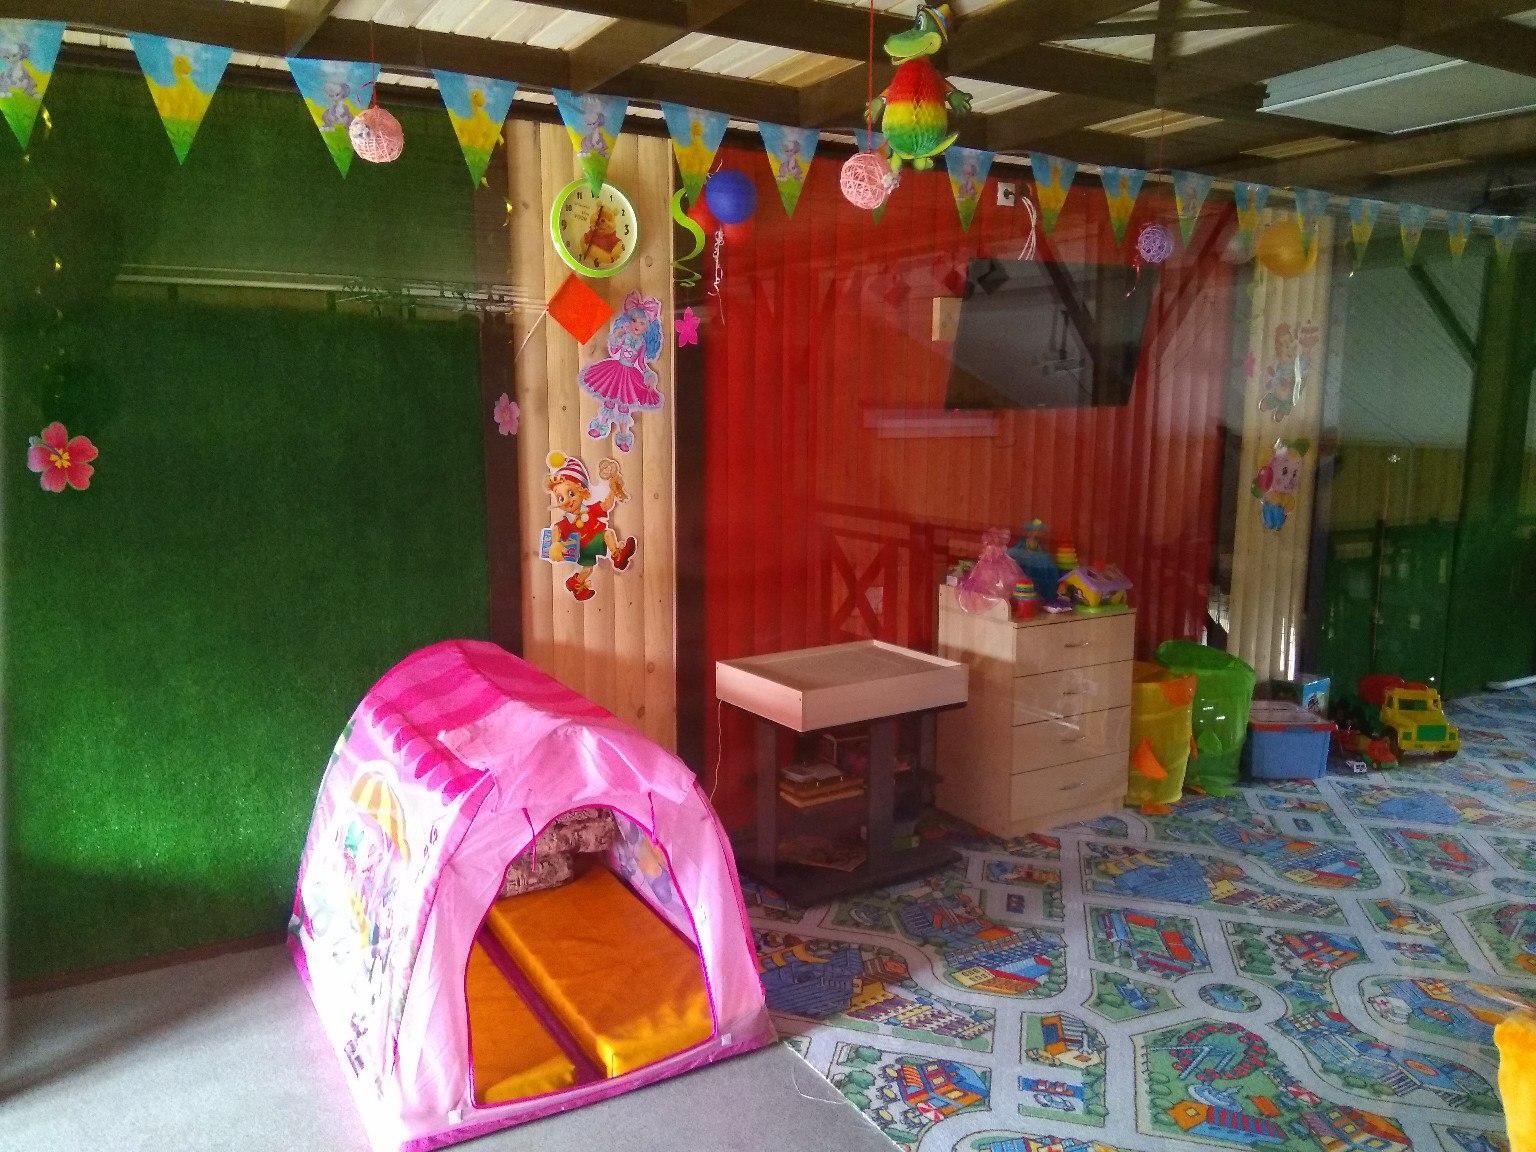 Ергуша. Детская игровая комната на базе Ергаки